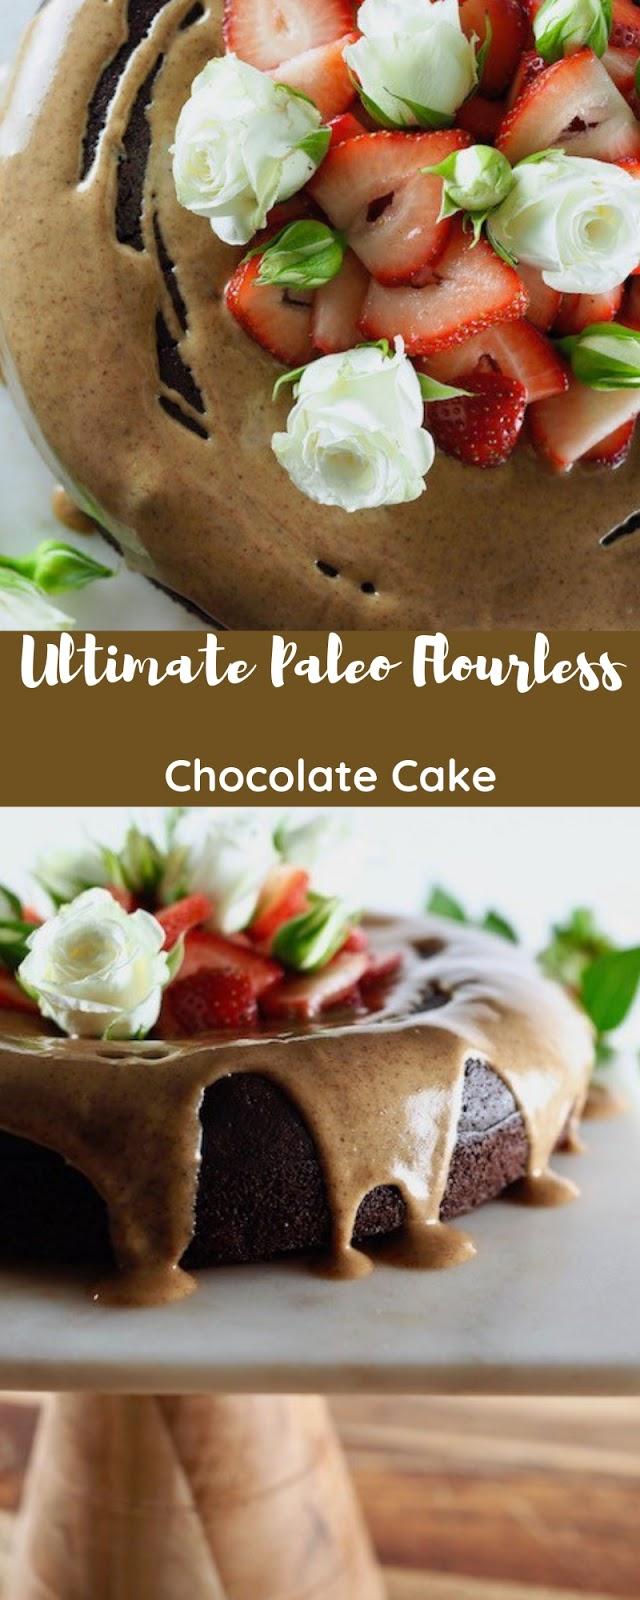 Ultimate Paleo Flourless Chocolate Cake